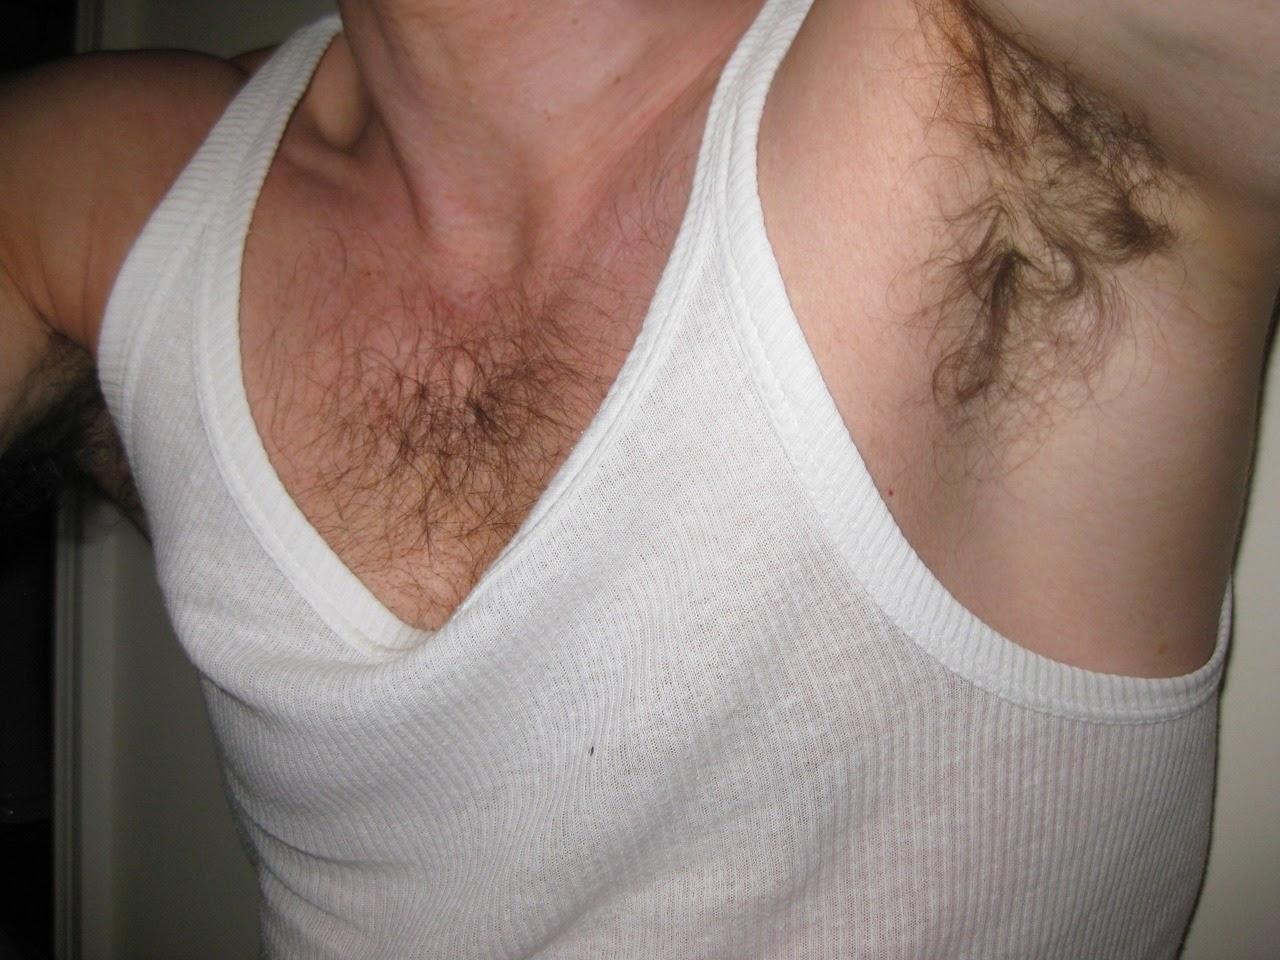 Фото волосатых писечек, Волосатая пизда: порно фото на Возбуждает! 2 фотография